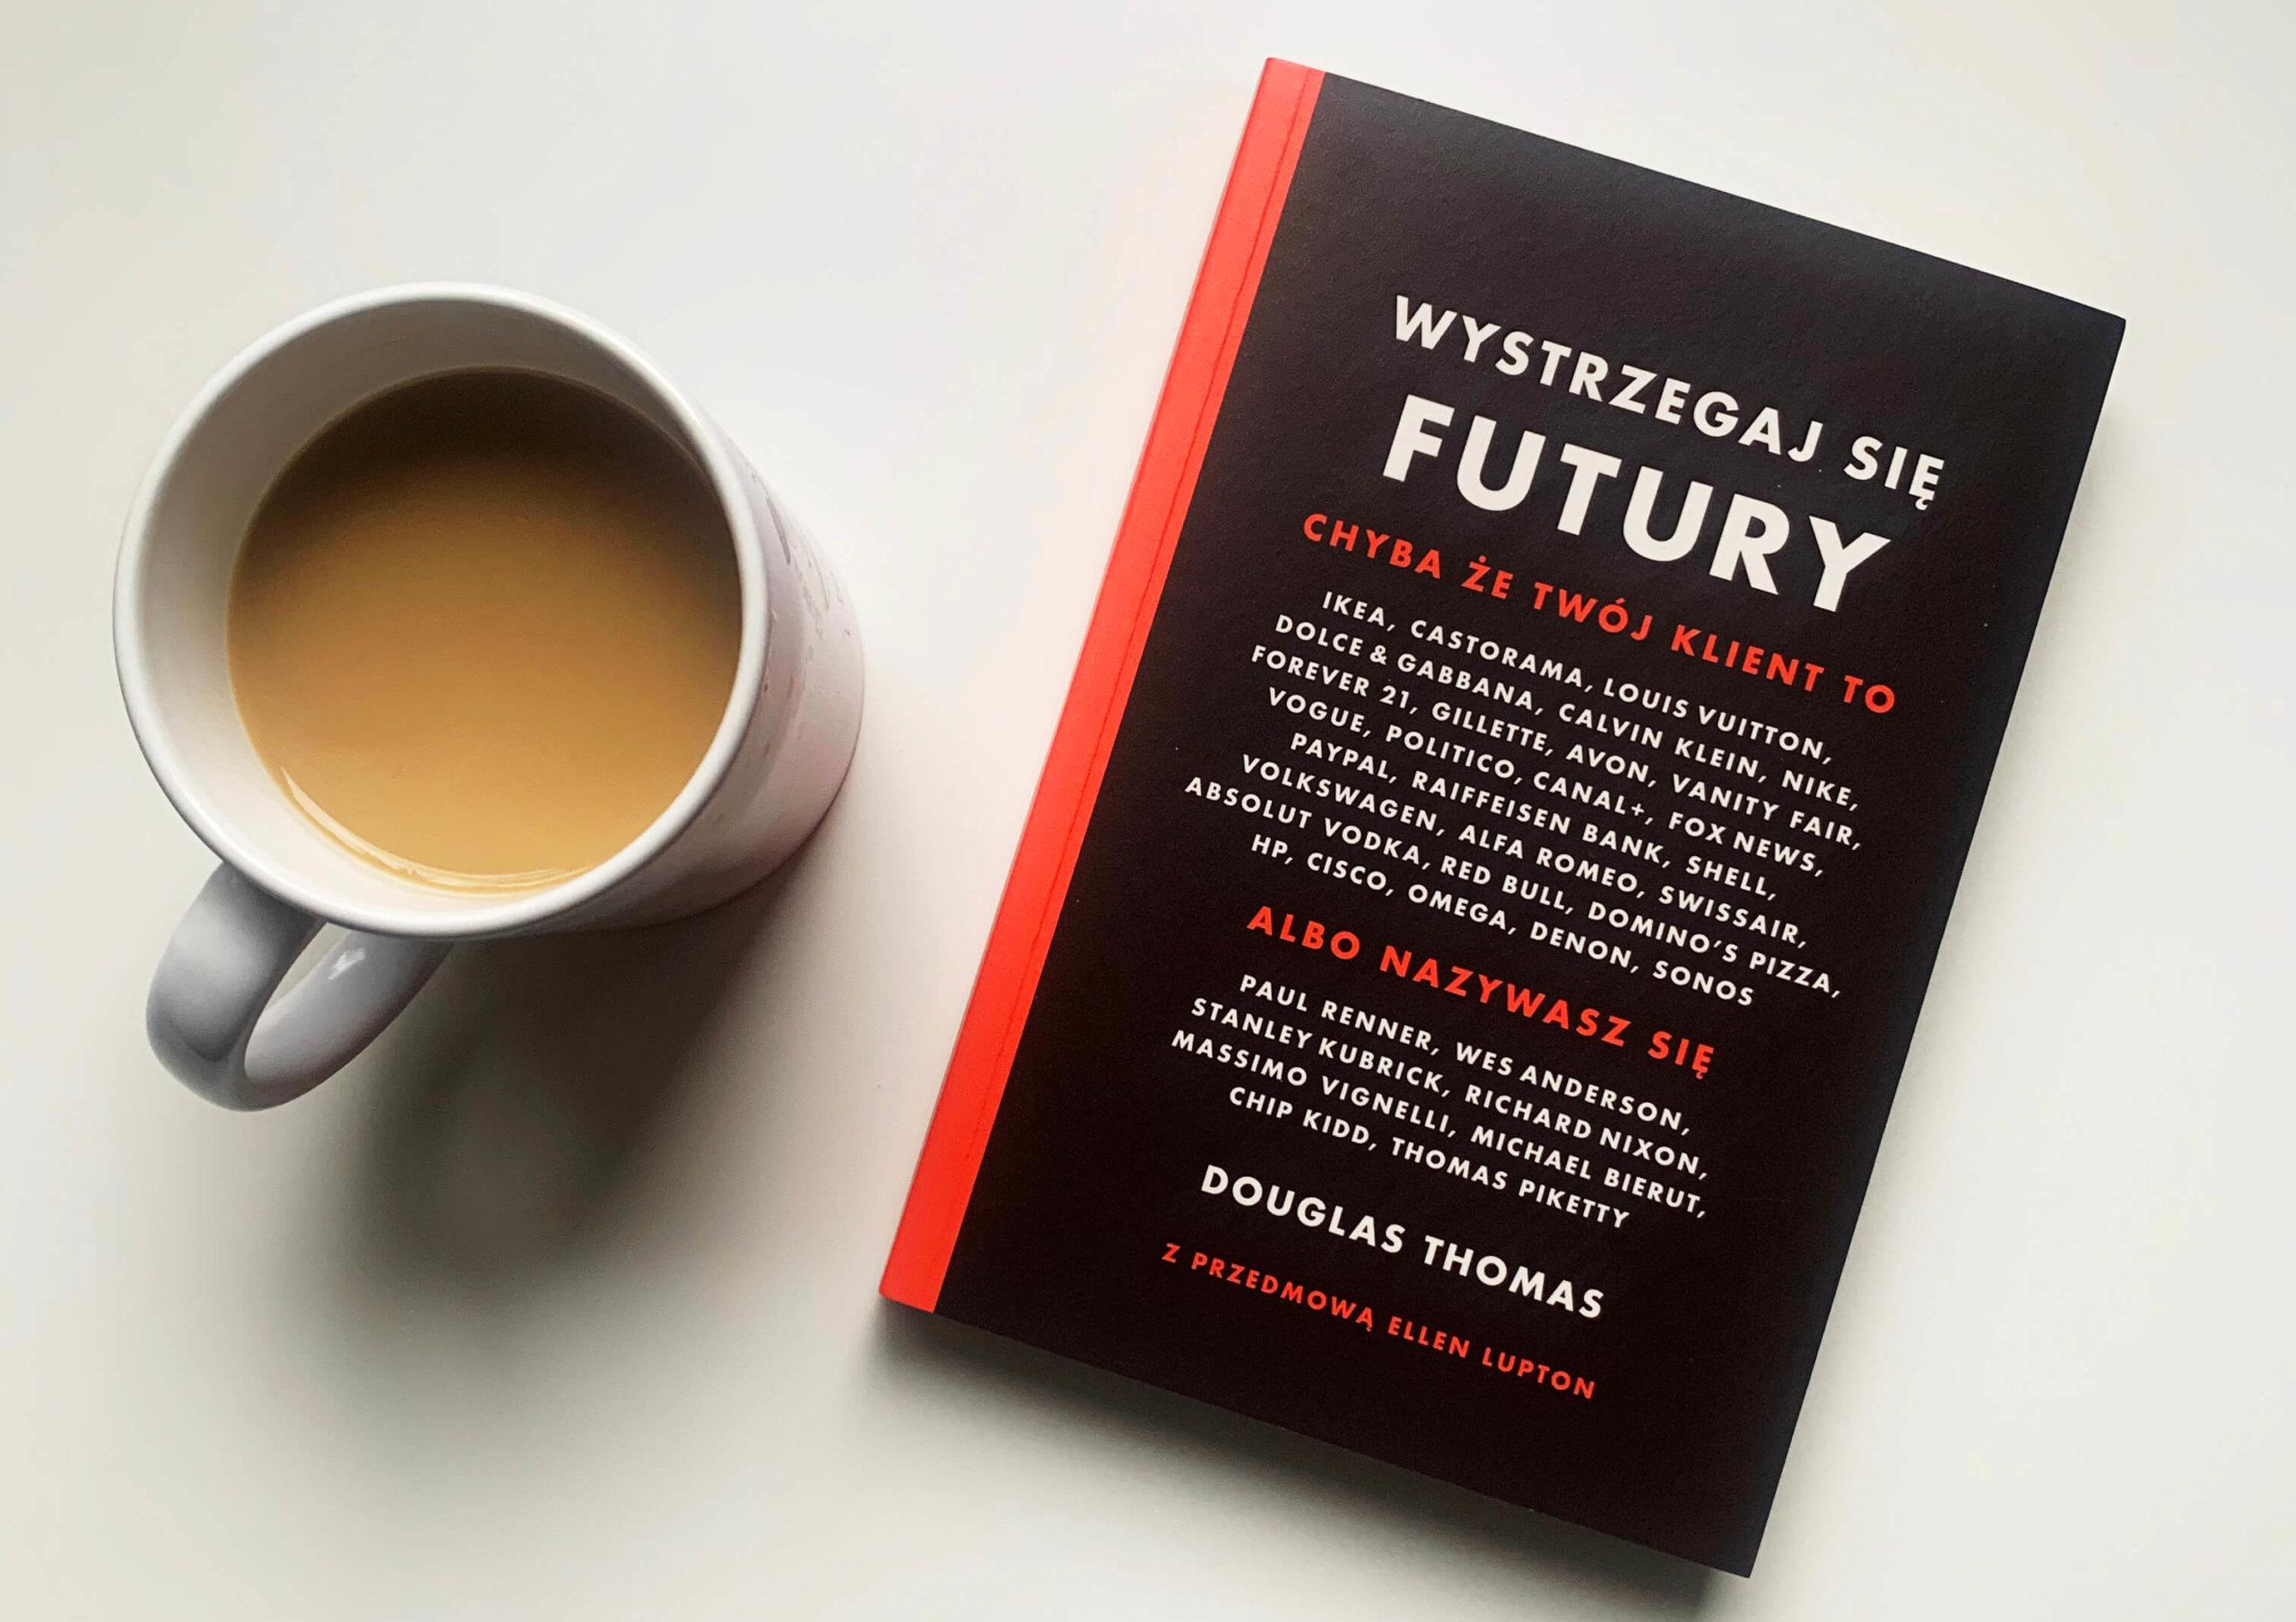 Recenzja książki Wystrzegaj się futury – Douglasa Thomasa